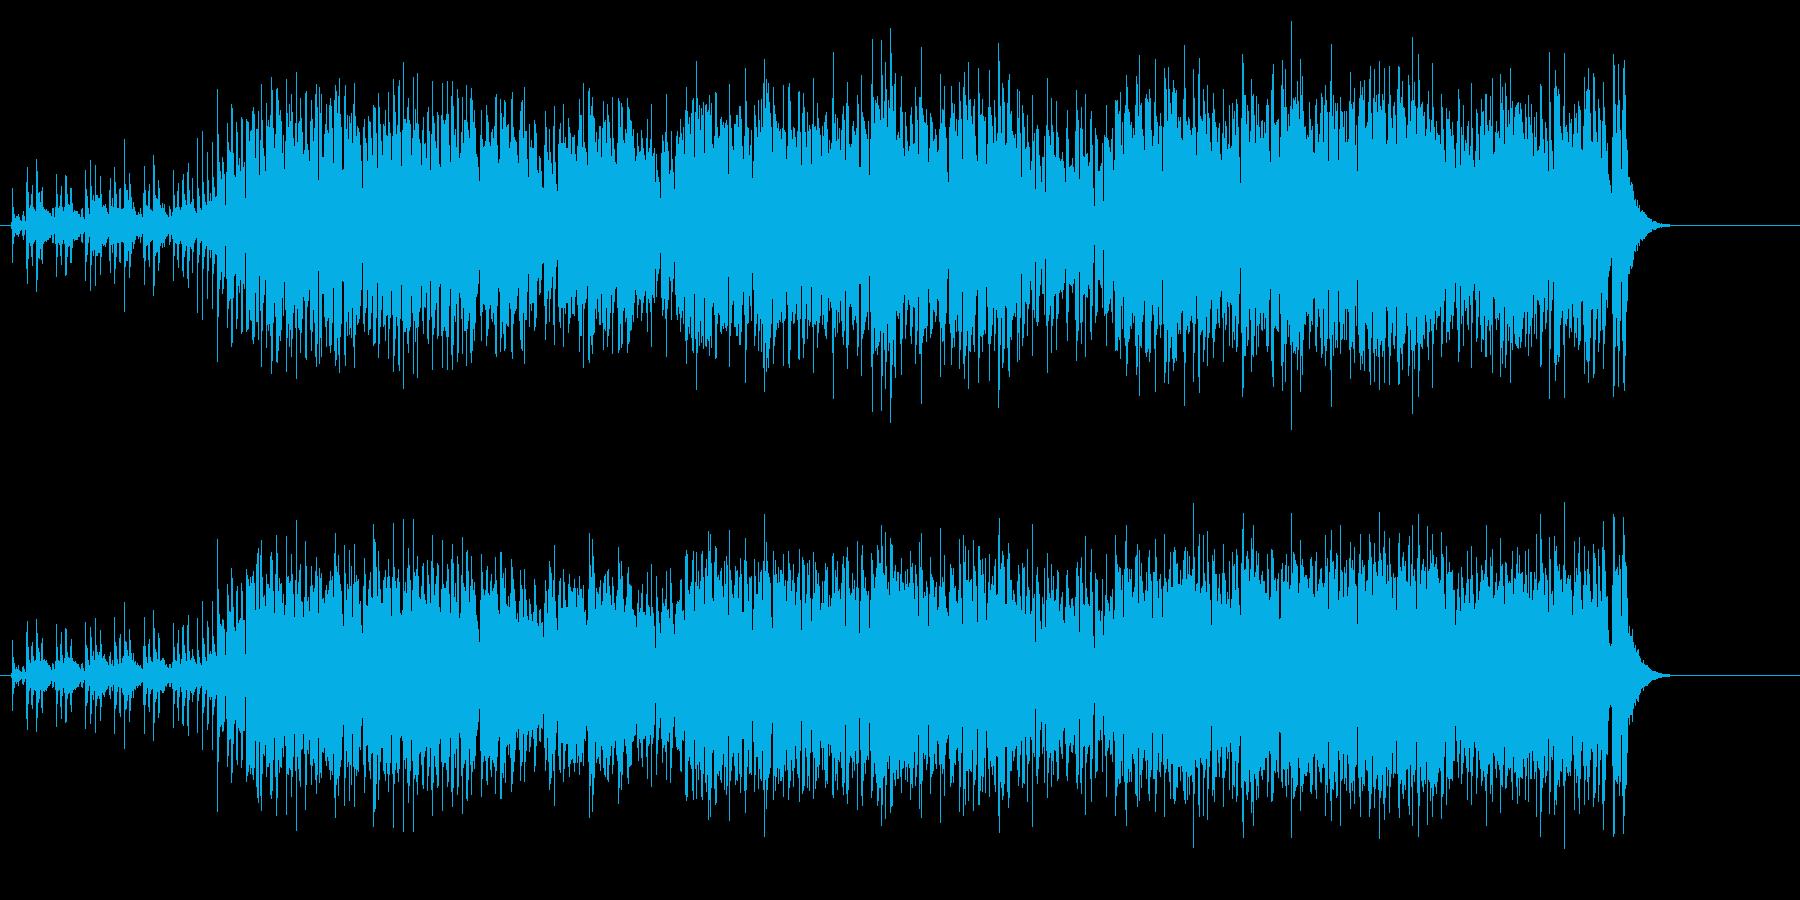 ジャジーでグローバルなジャズの再生済みの波形